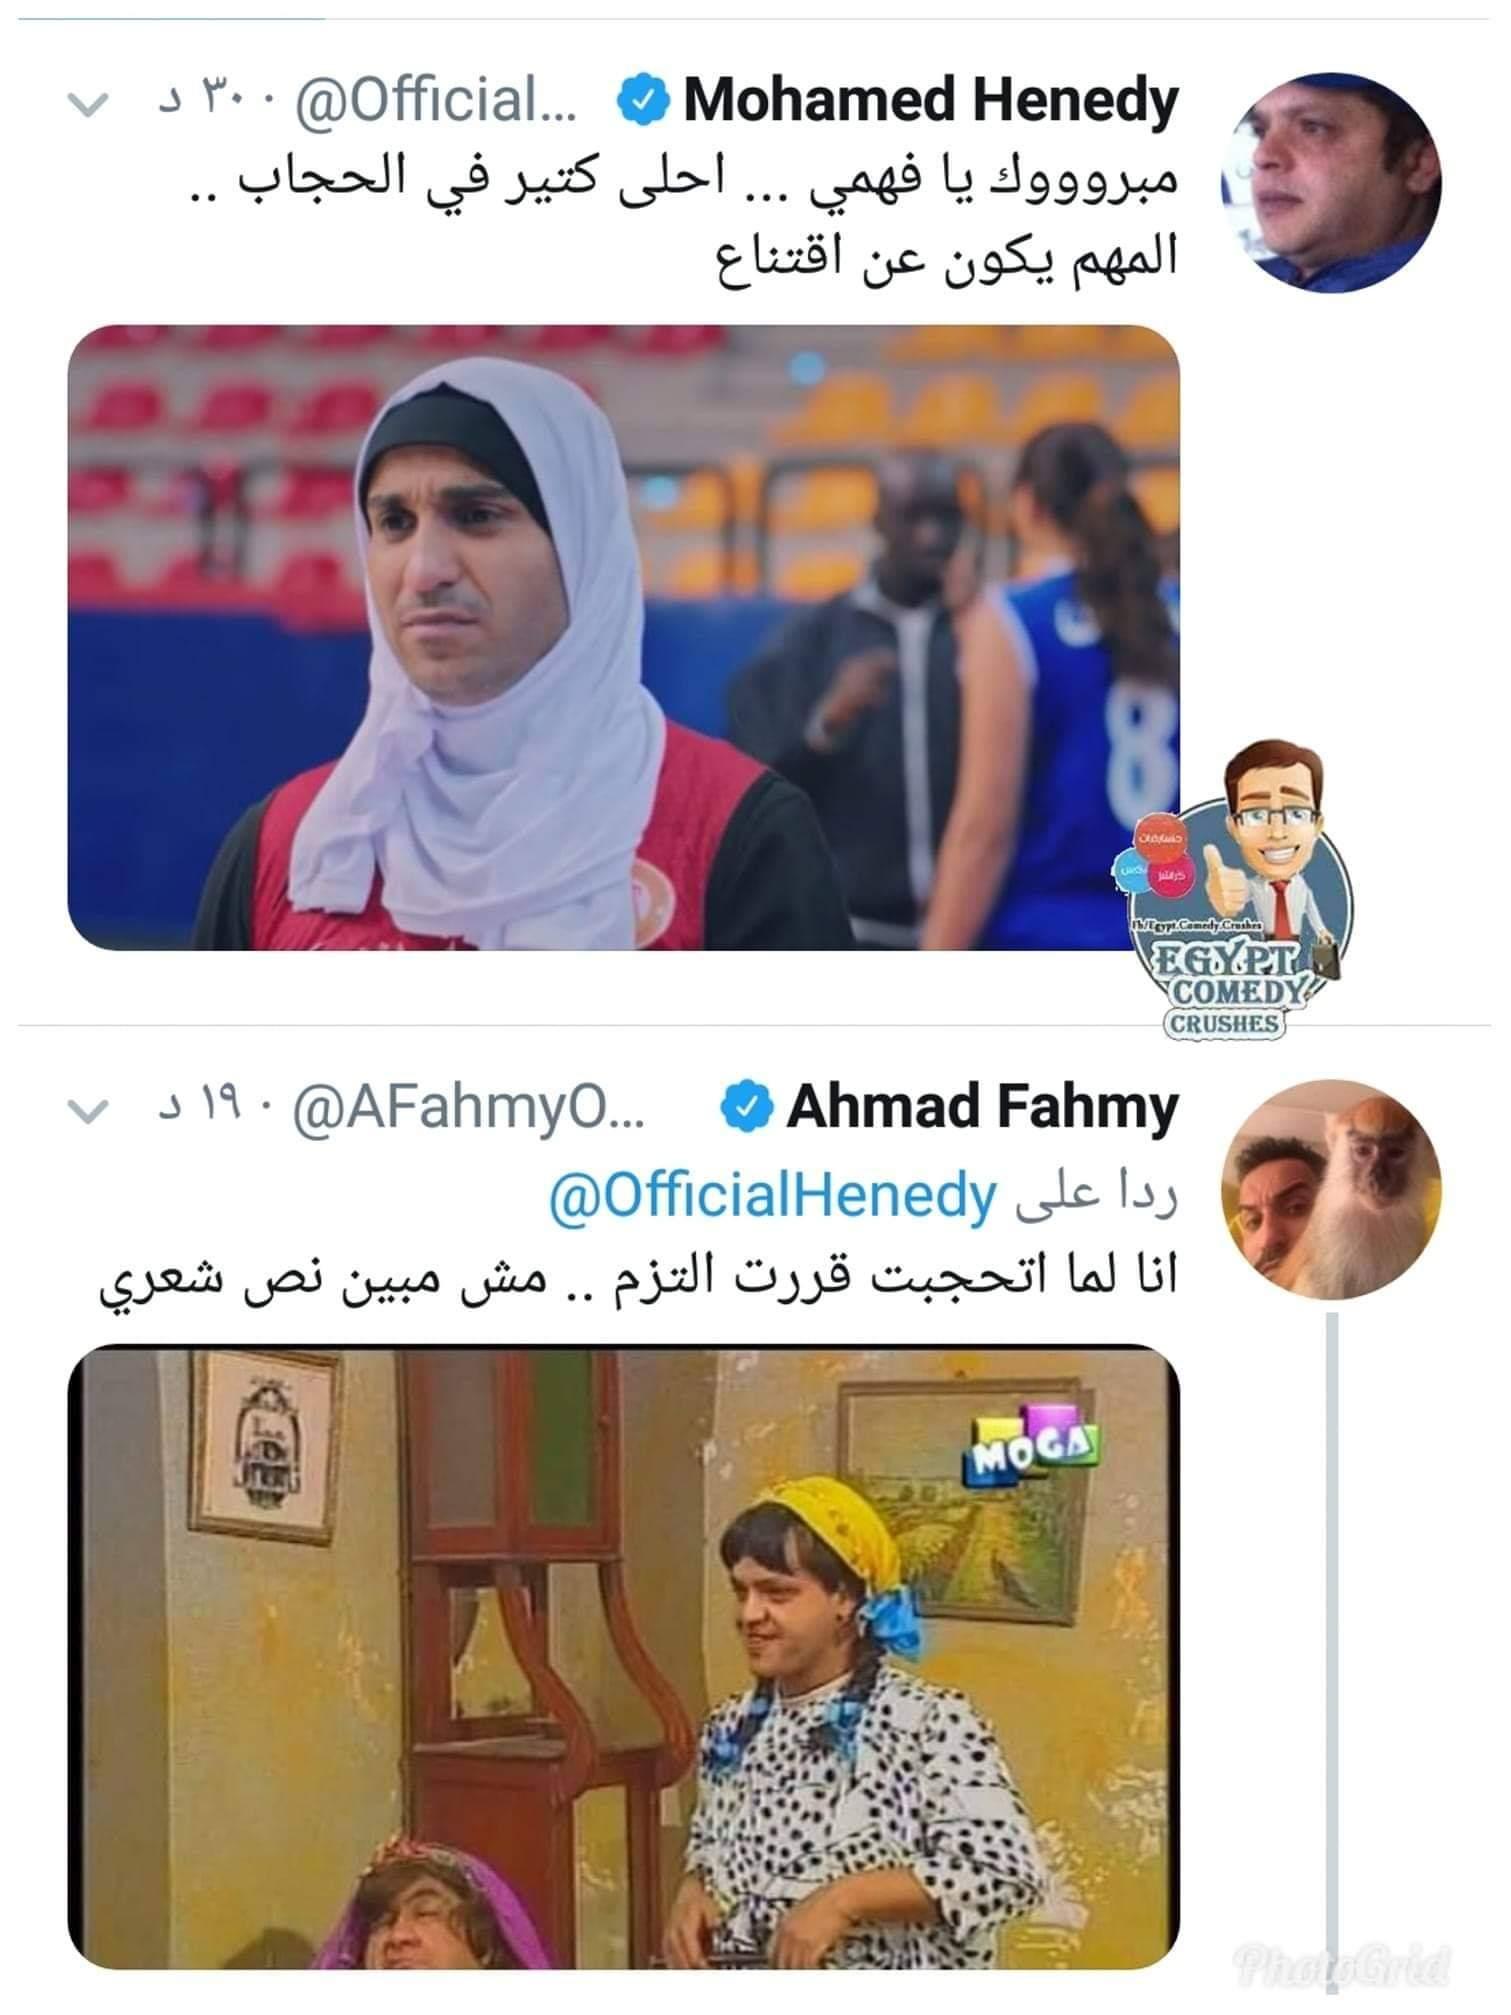 مزحة الحجاب لمحمد هنيدي تثير تفاعل الفنانين شاشات Shashat